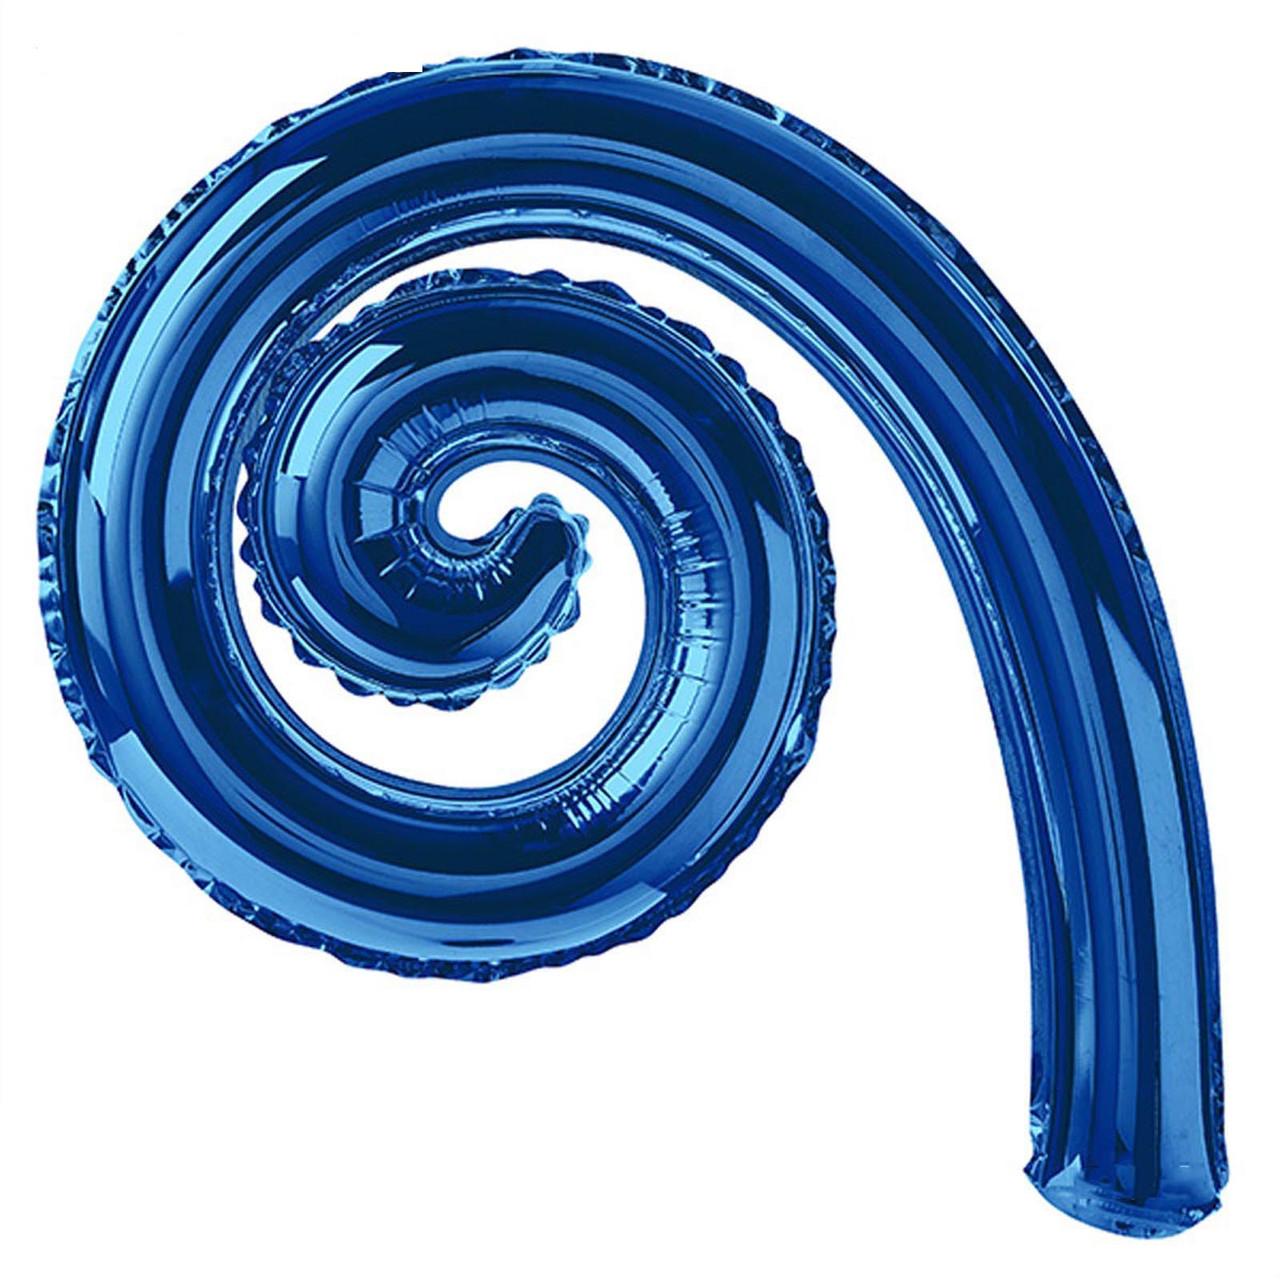 Фольгированная спираль Синяя 43*27 см